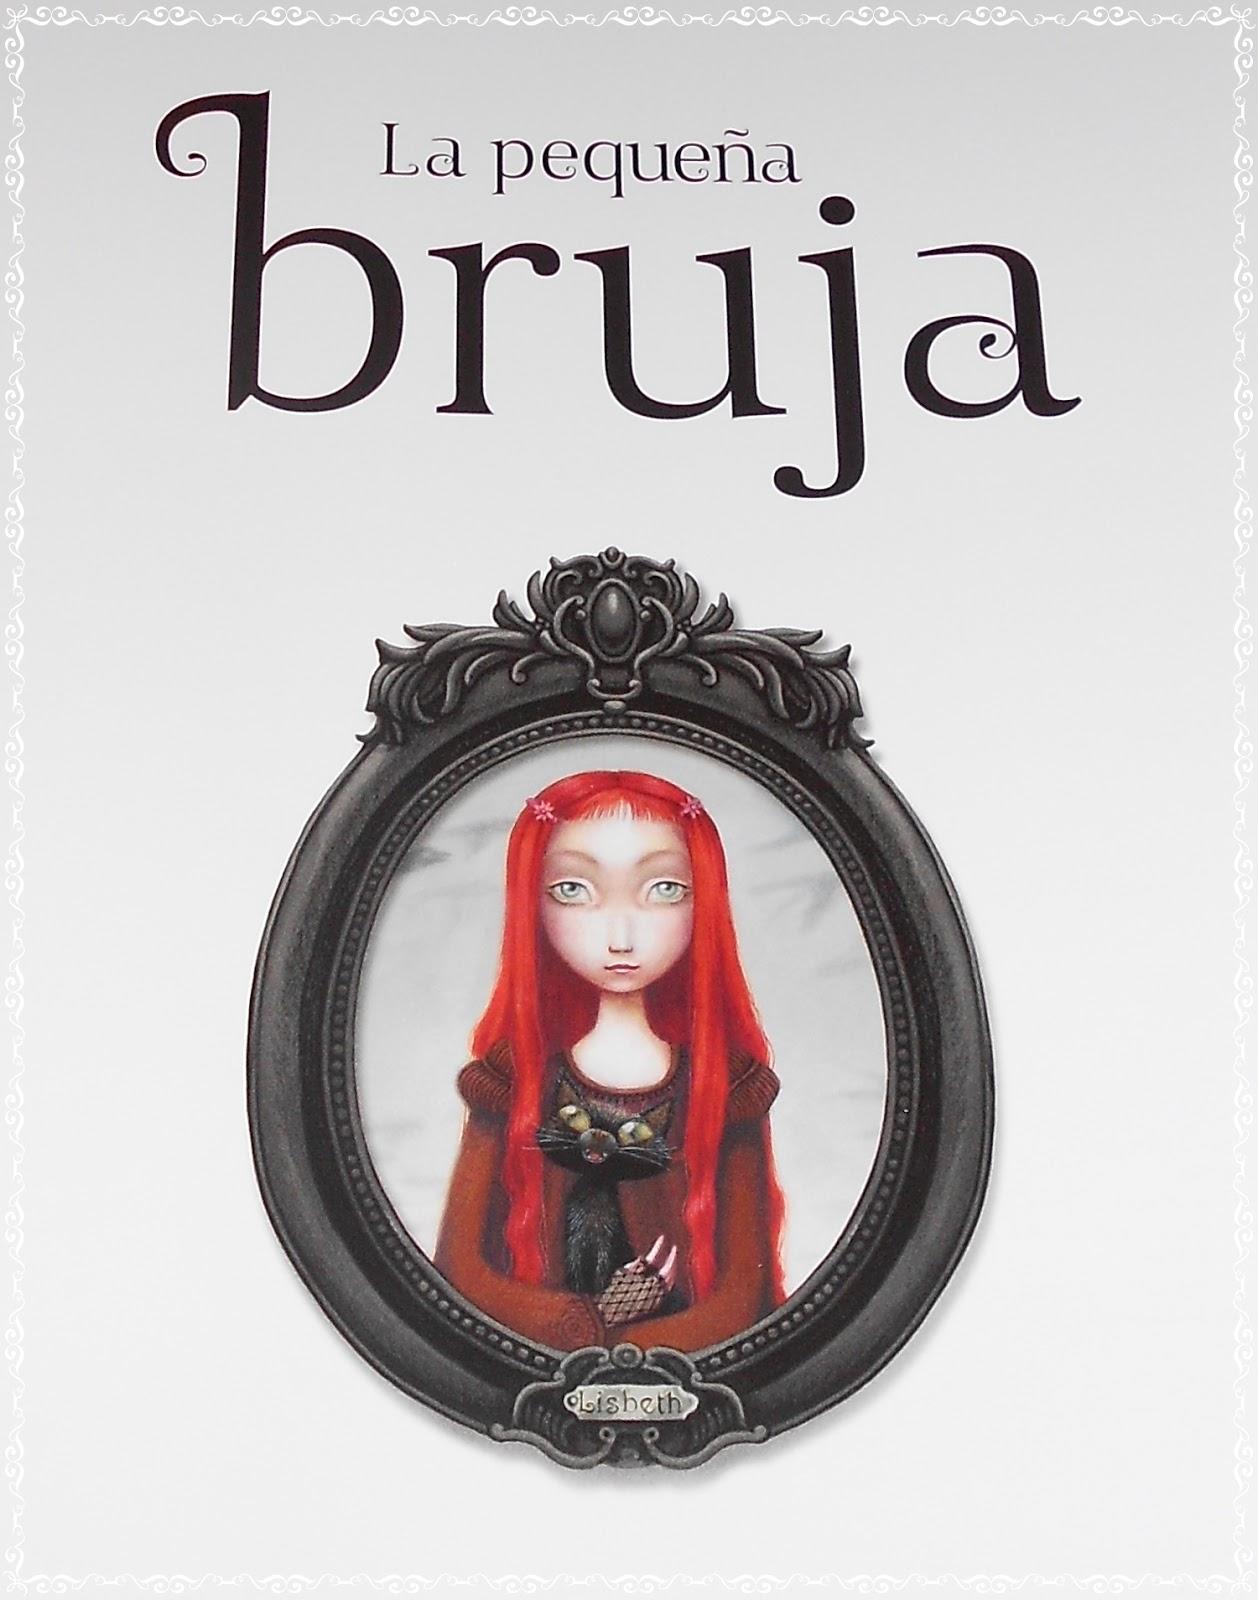 Libros Sueltos: Genealogía de una bruja - Sébastien Perez y Benjamin ...